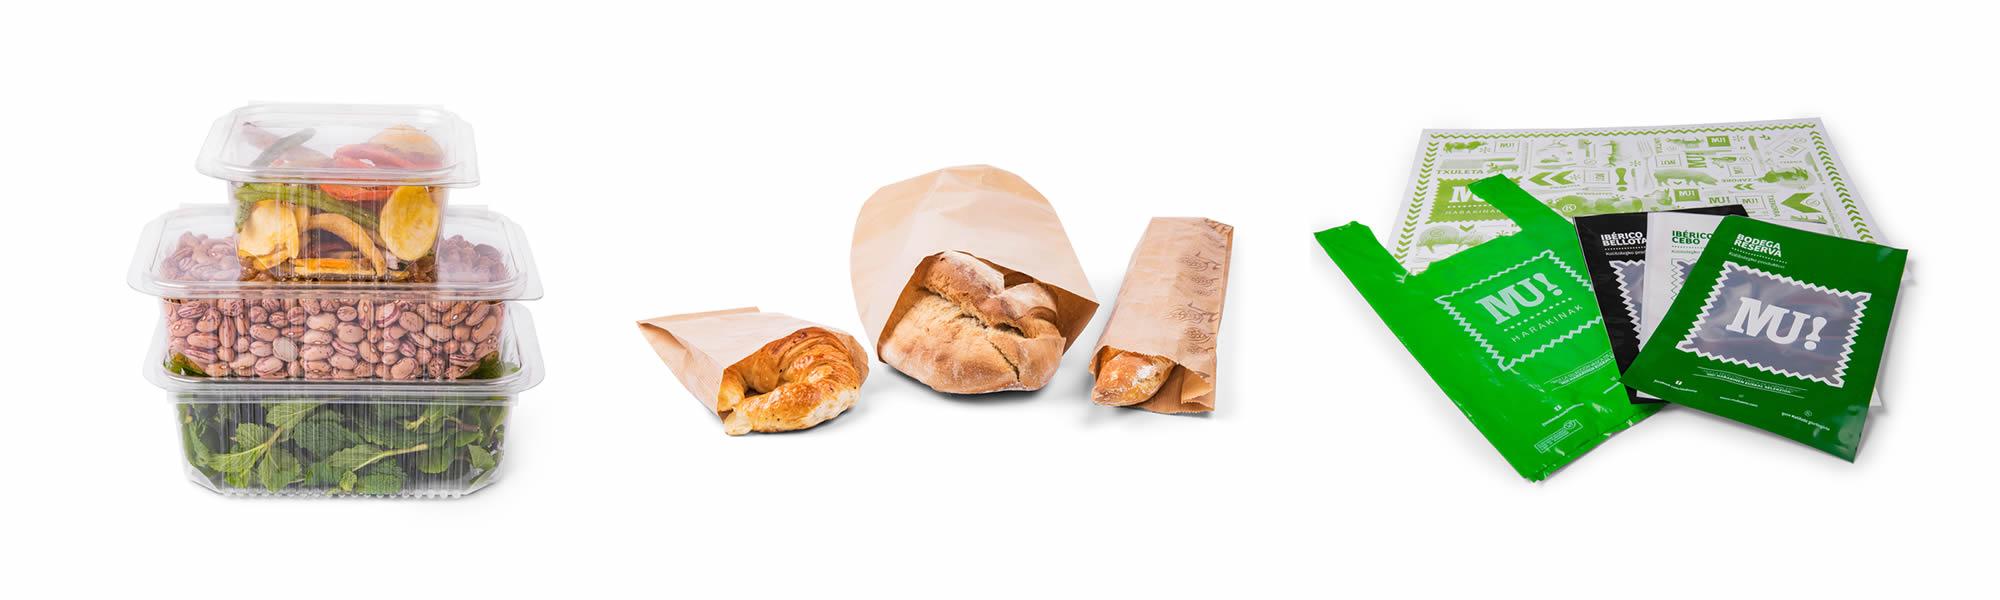 Zure produktuetarako packaging-soluzioak